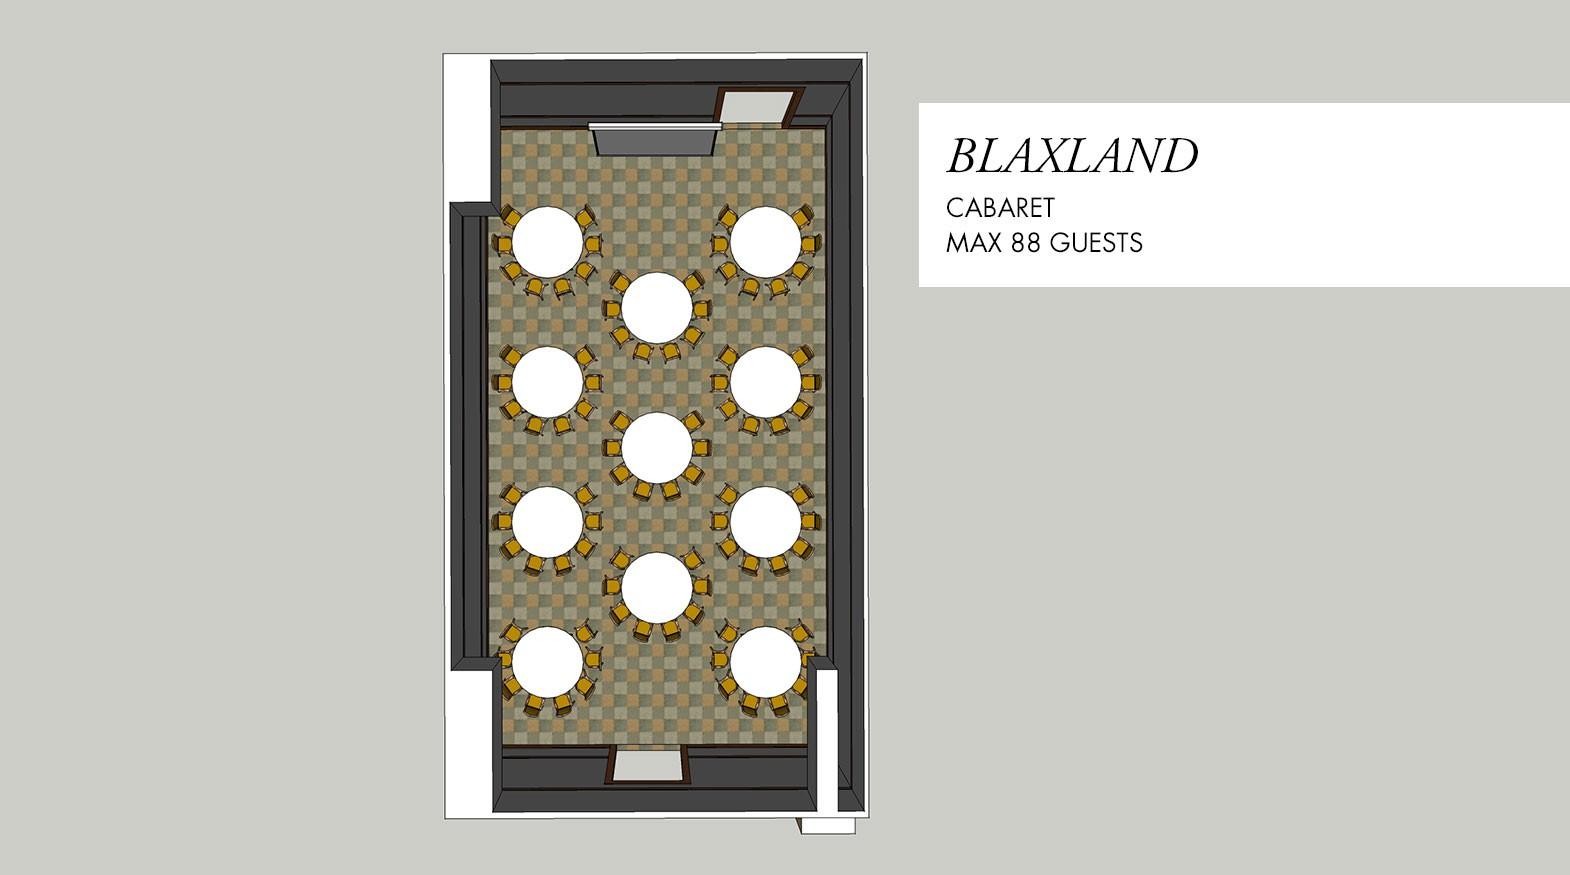 Blaxland-cabaret1.jpg